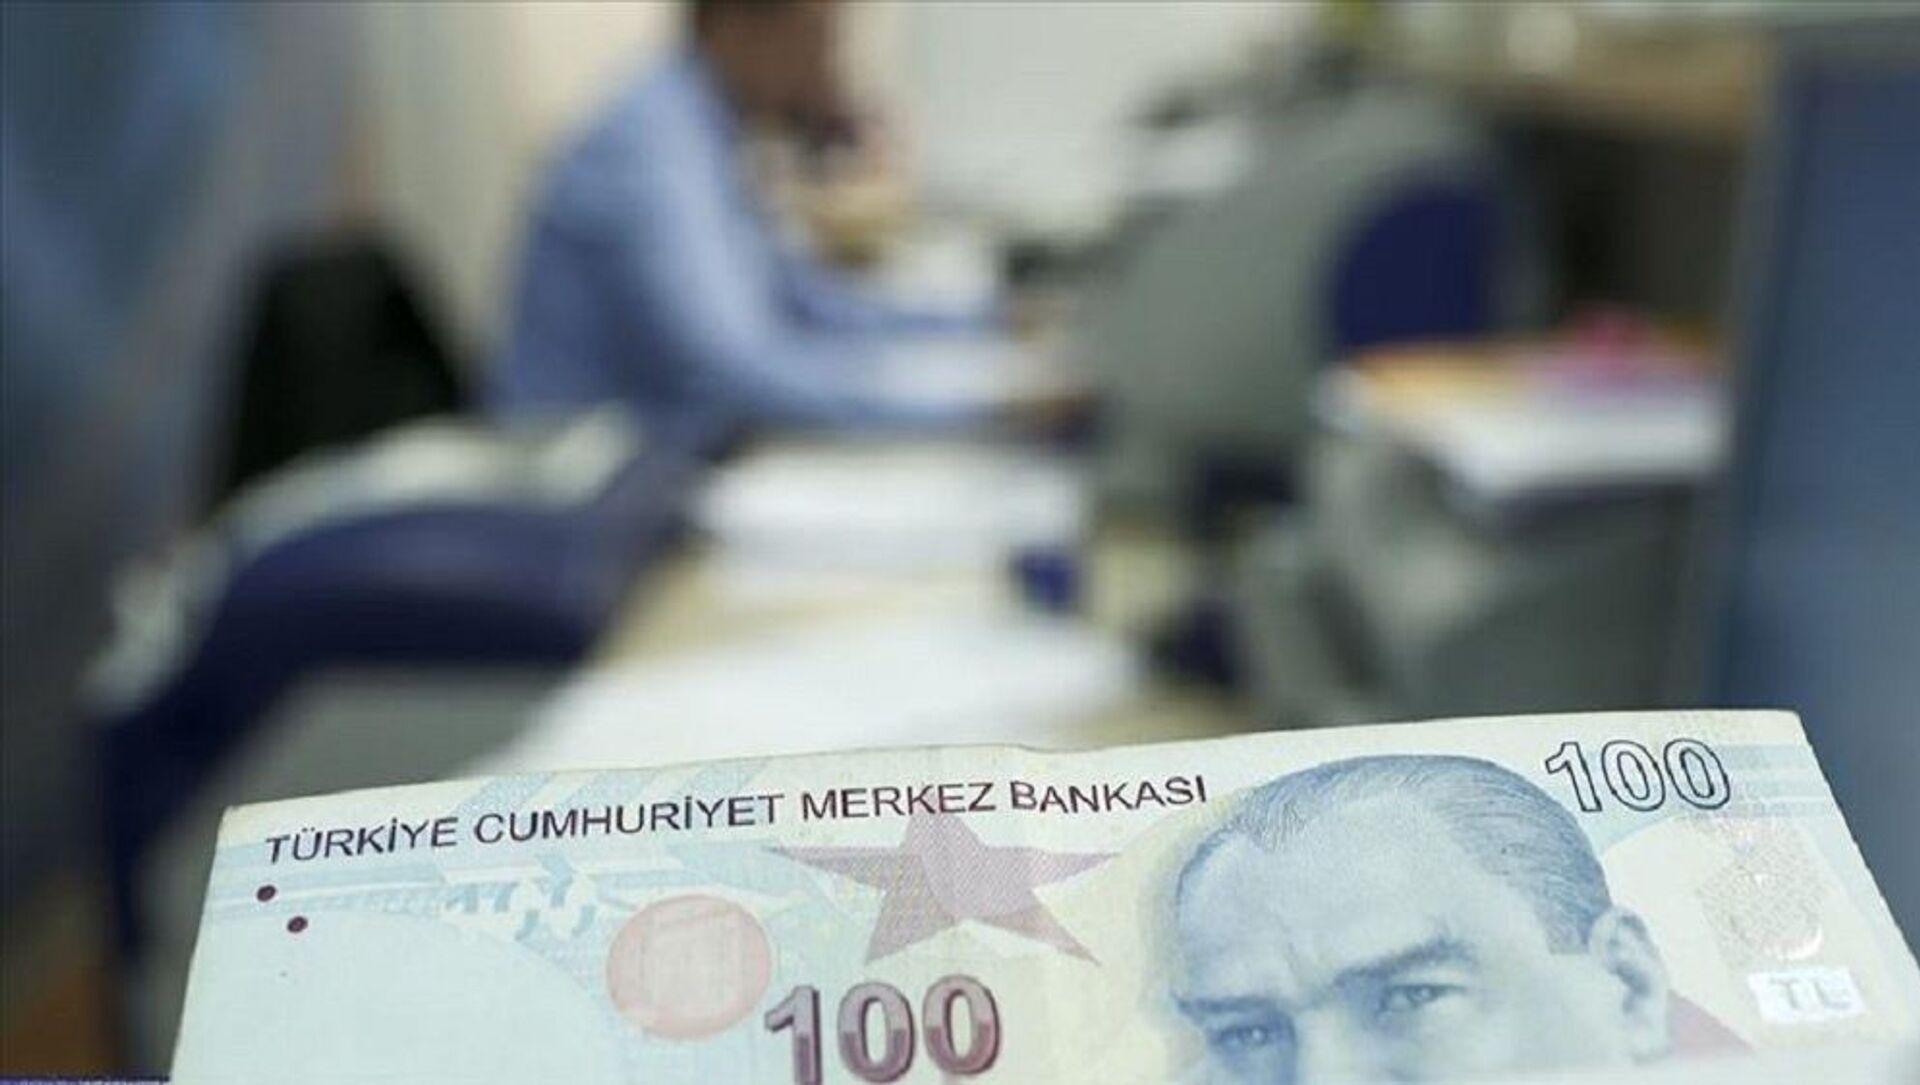 kısa çalışma ödeneği, türk lirası, banka, para - Sputnik Türkiye, 1920, 29.07.2021